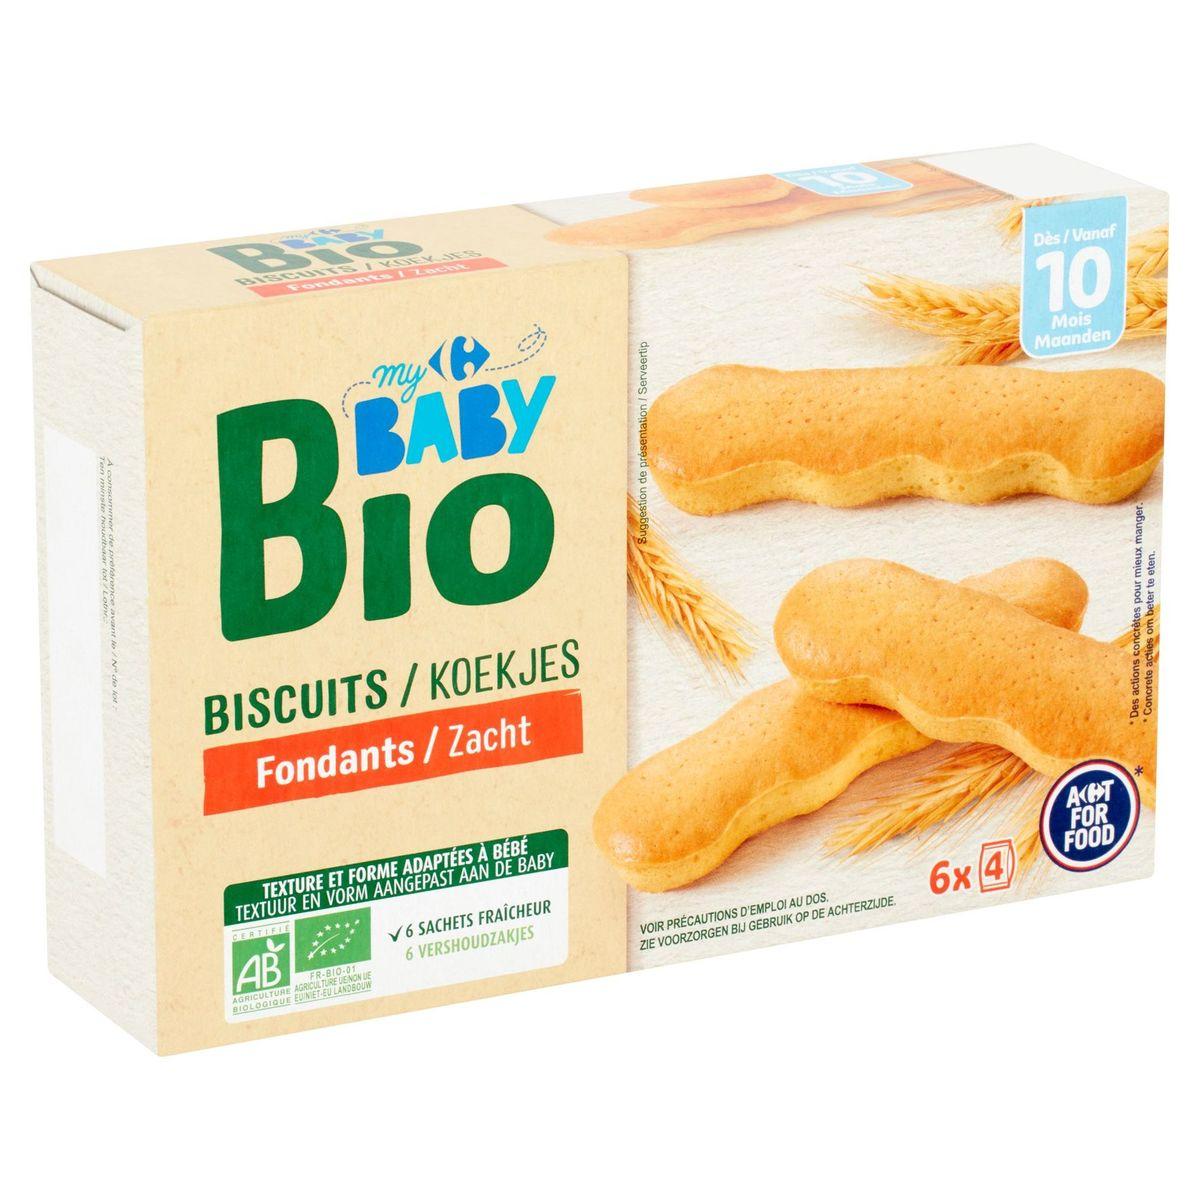 Carrefour Baby Bio Biscuits Fondants dès 10 Mois 120 g